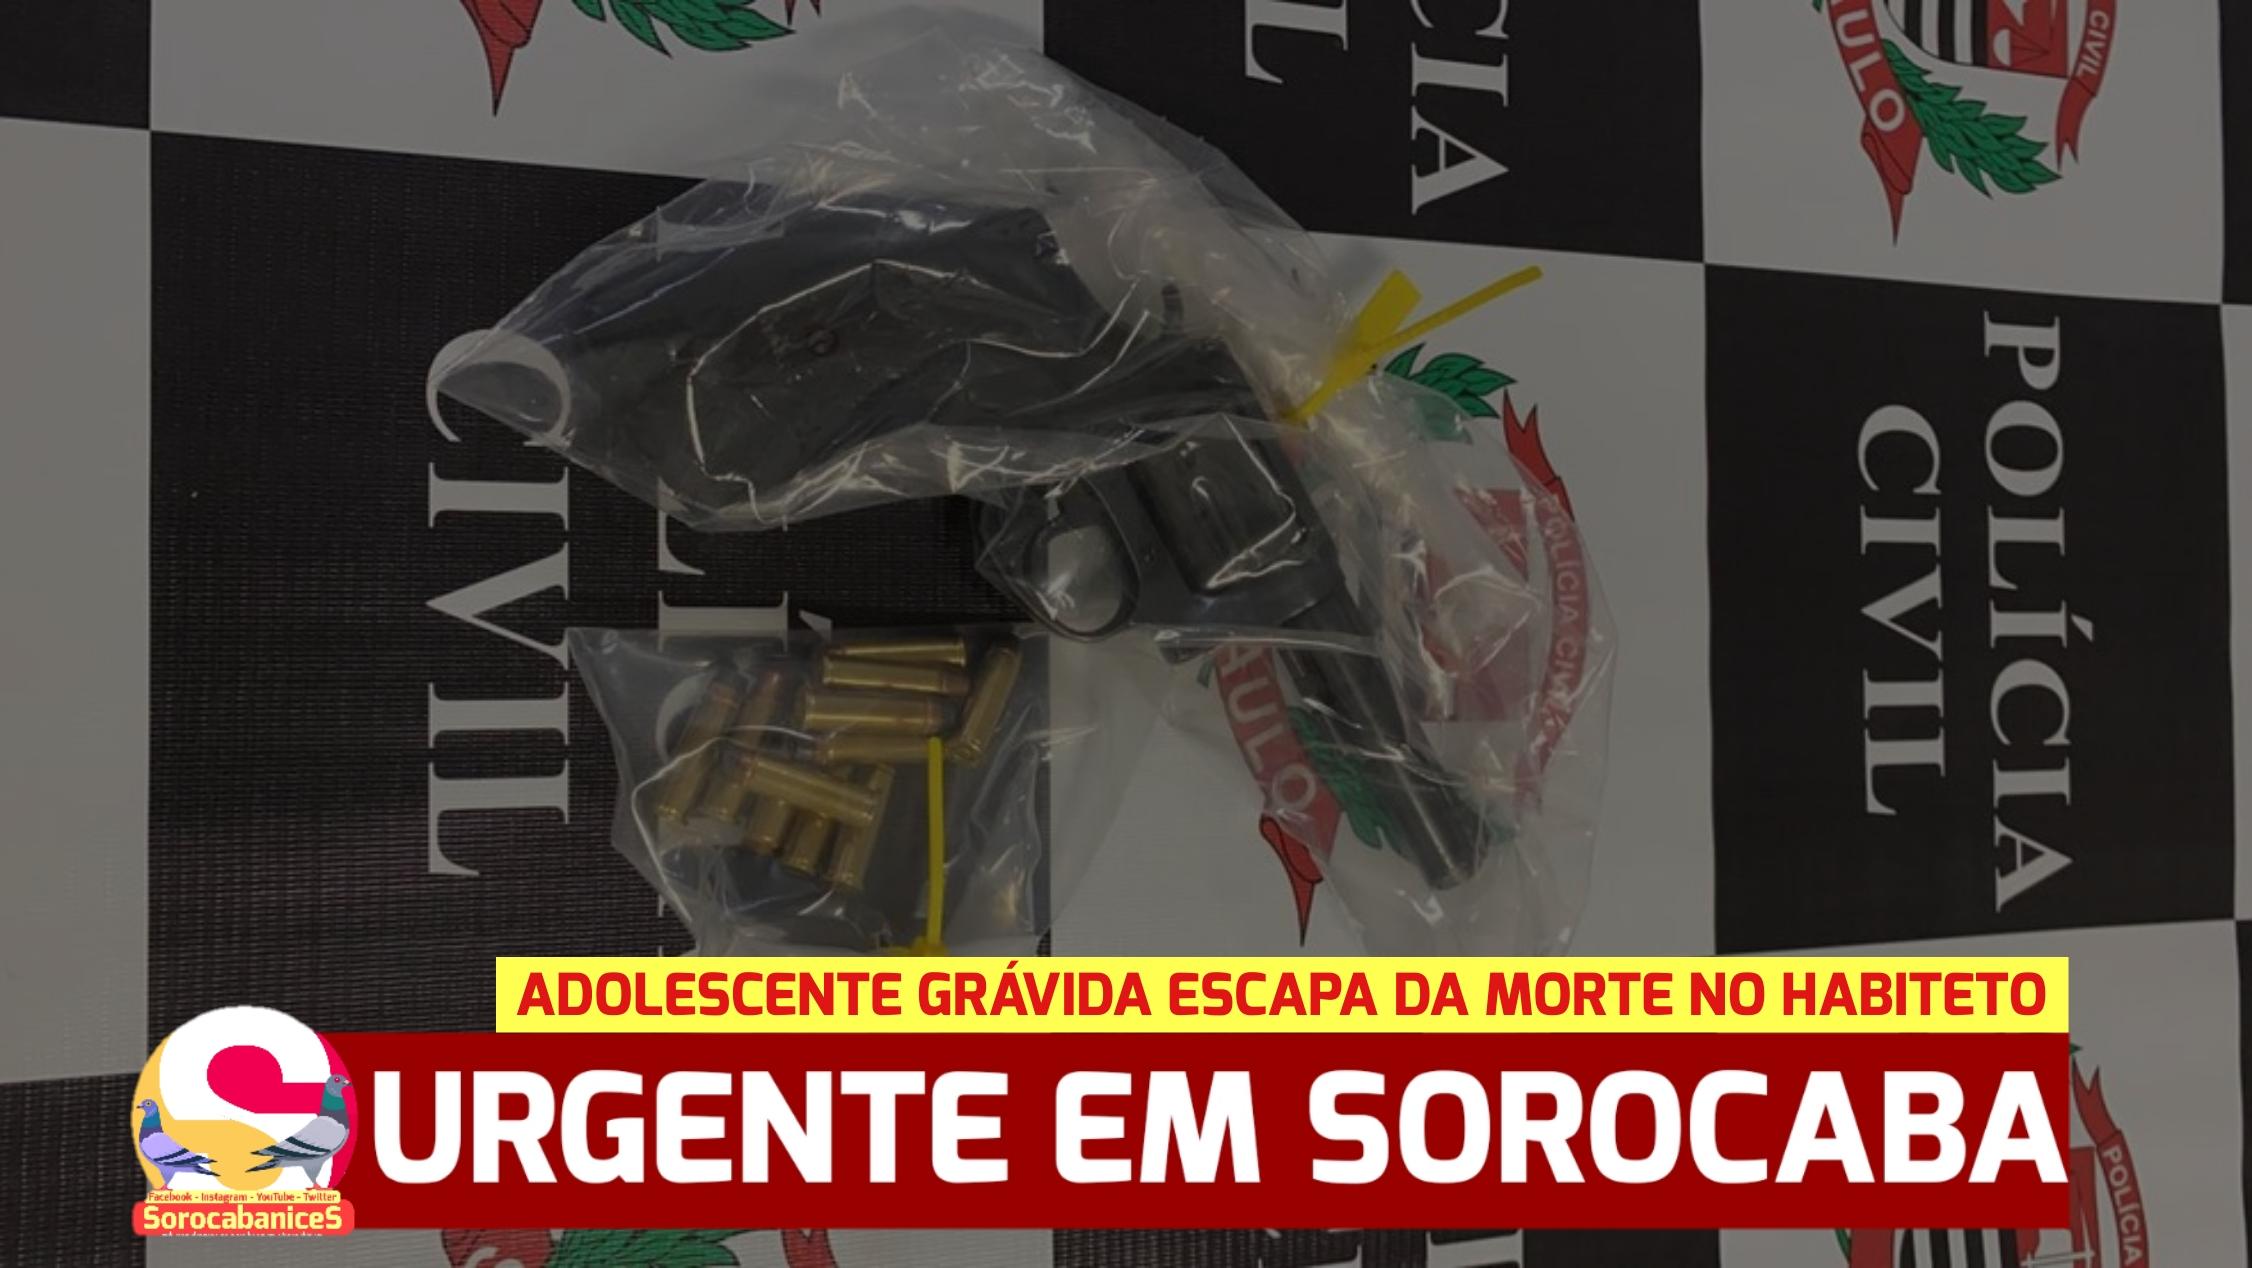 Arma falha e adolescente grávida escapa da morte no Habiteto em Sorocaba